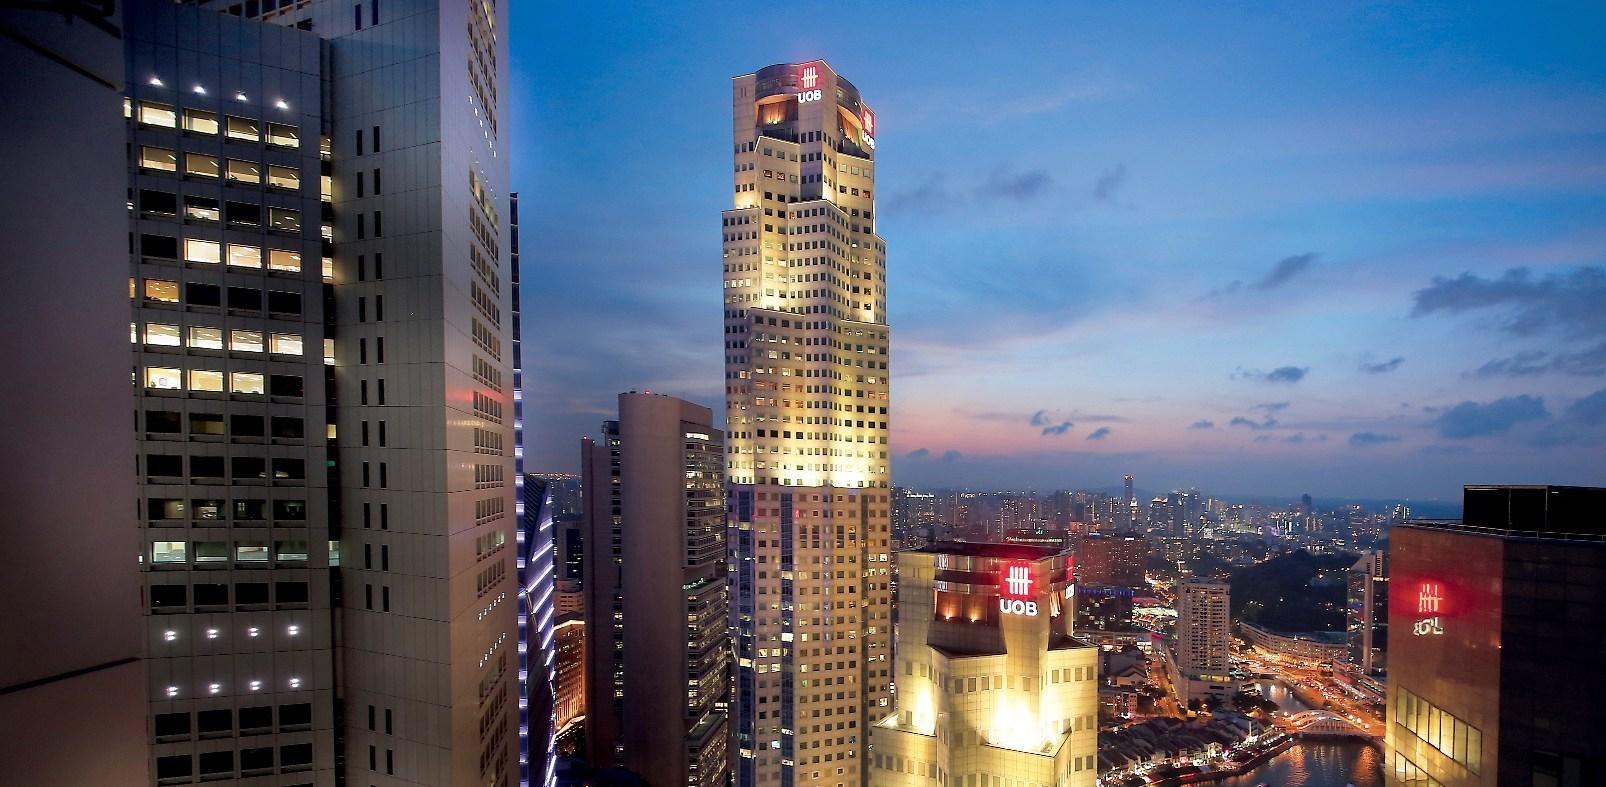 UOB Singapore (UOB Group)